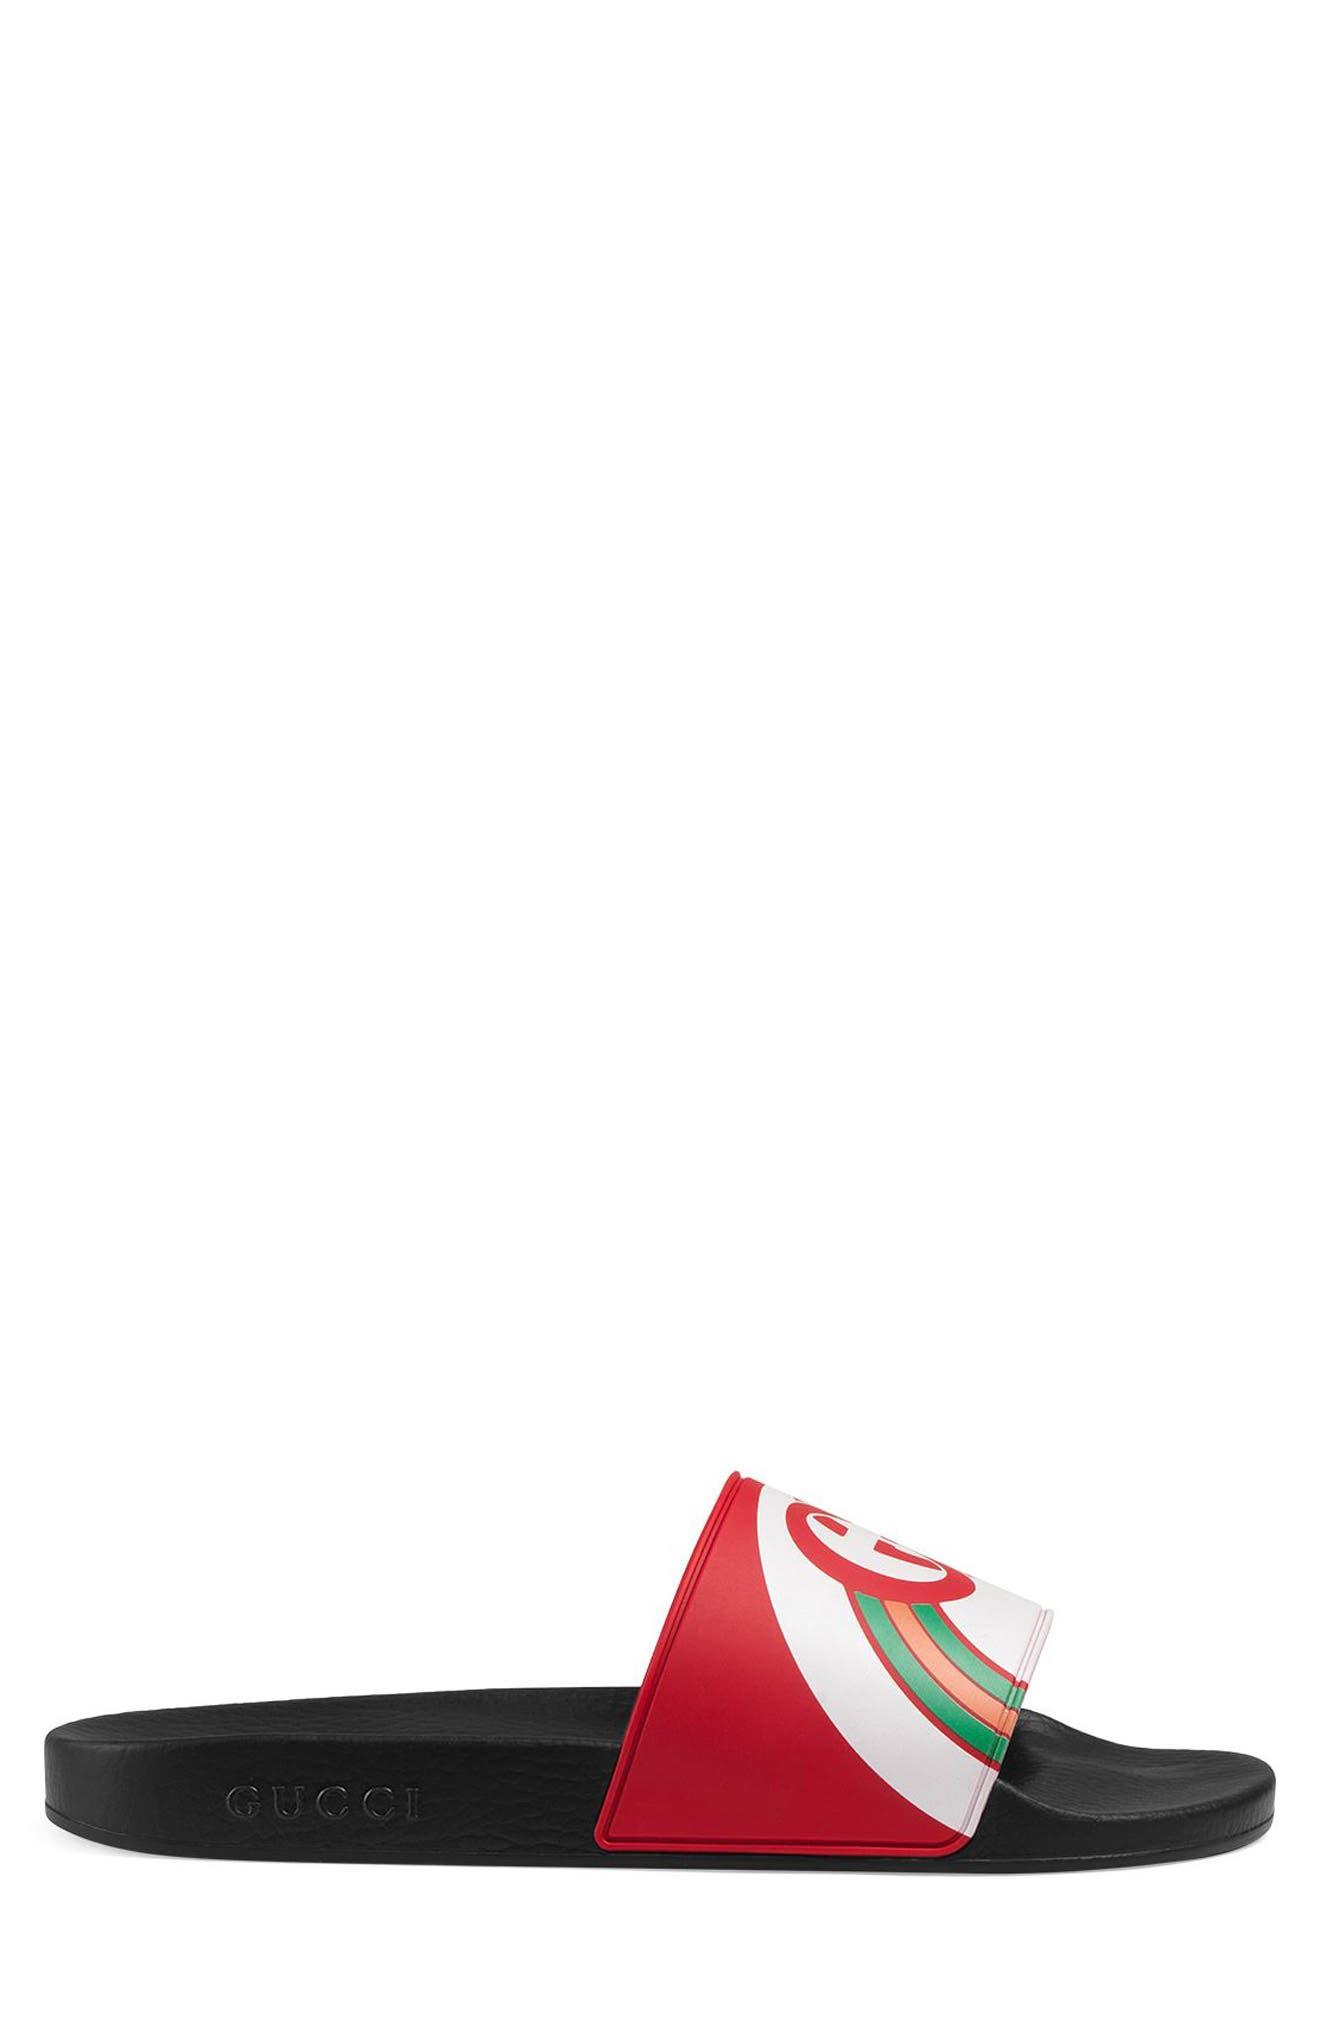 GUCCI, Pursuit Rainbow Sport Slide, Alternate thumbnail 2, color, LIVE RED/ MULTICOLOR